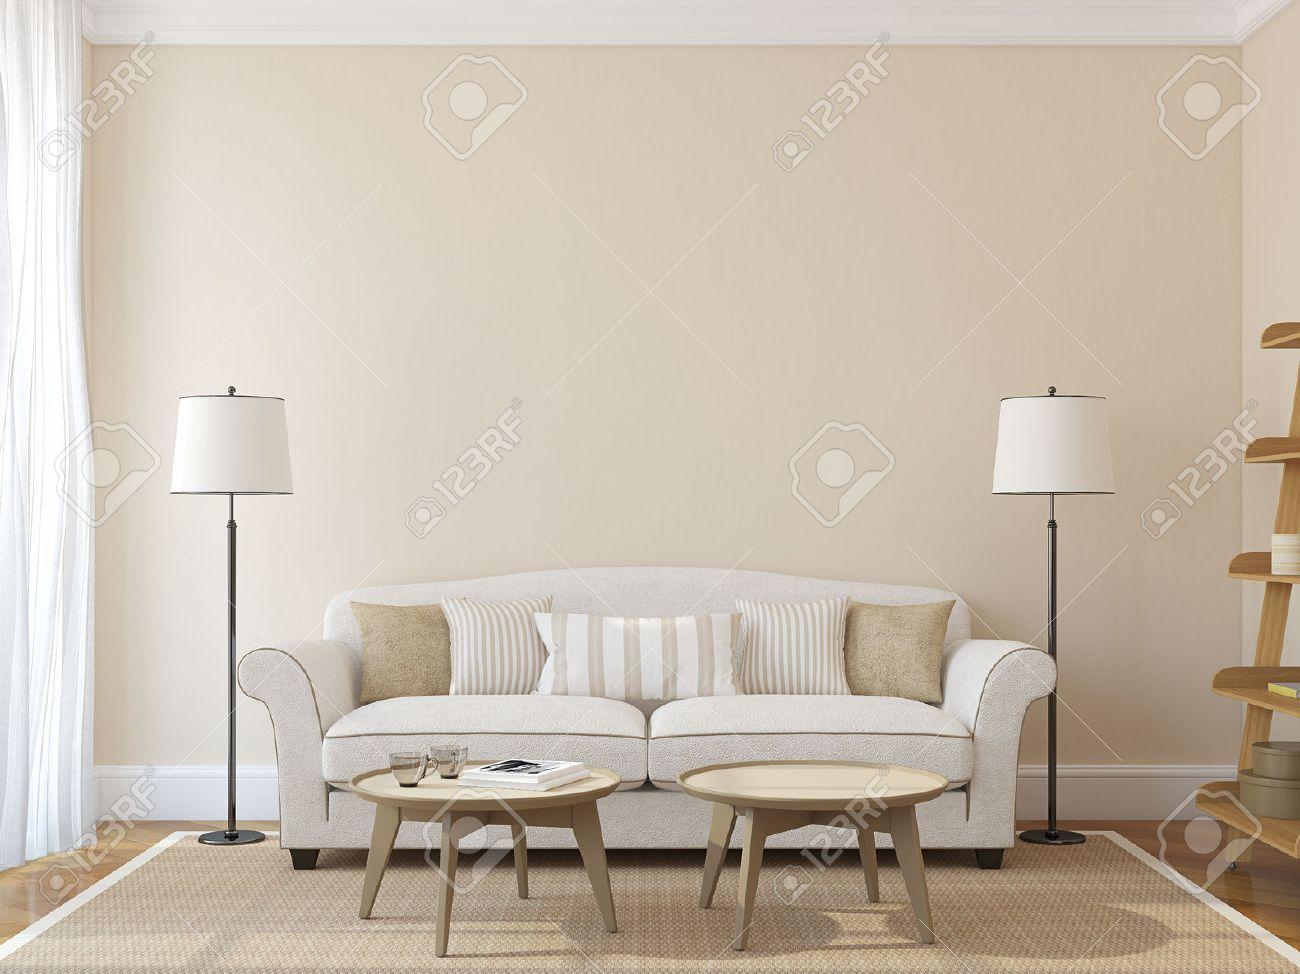 moderne wohnzimmer interieur mit weißen couch in der nähe leer ... - Moderne Wohnzimmer Beige